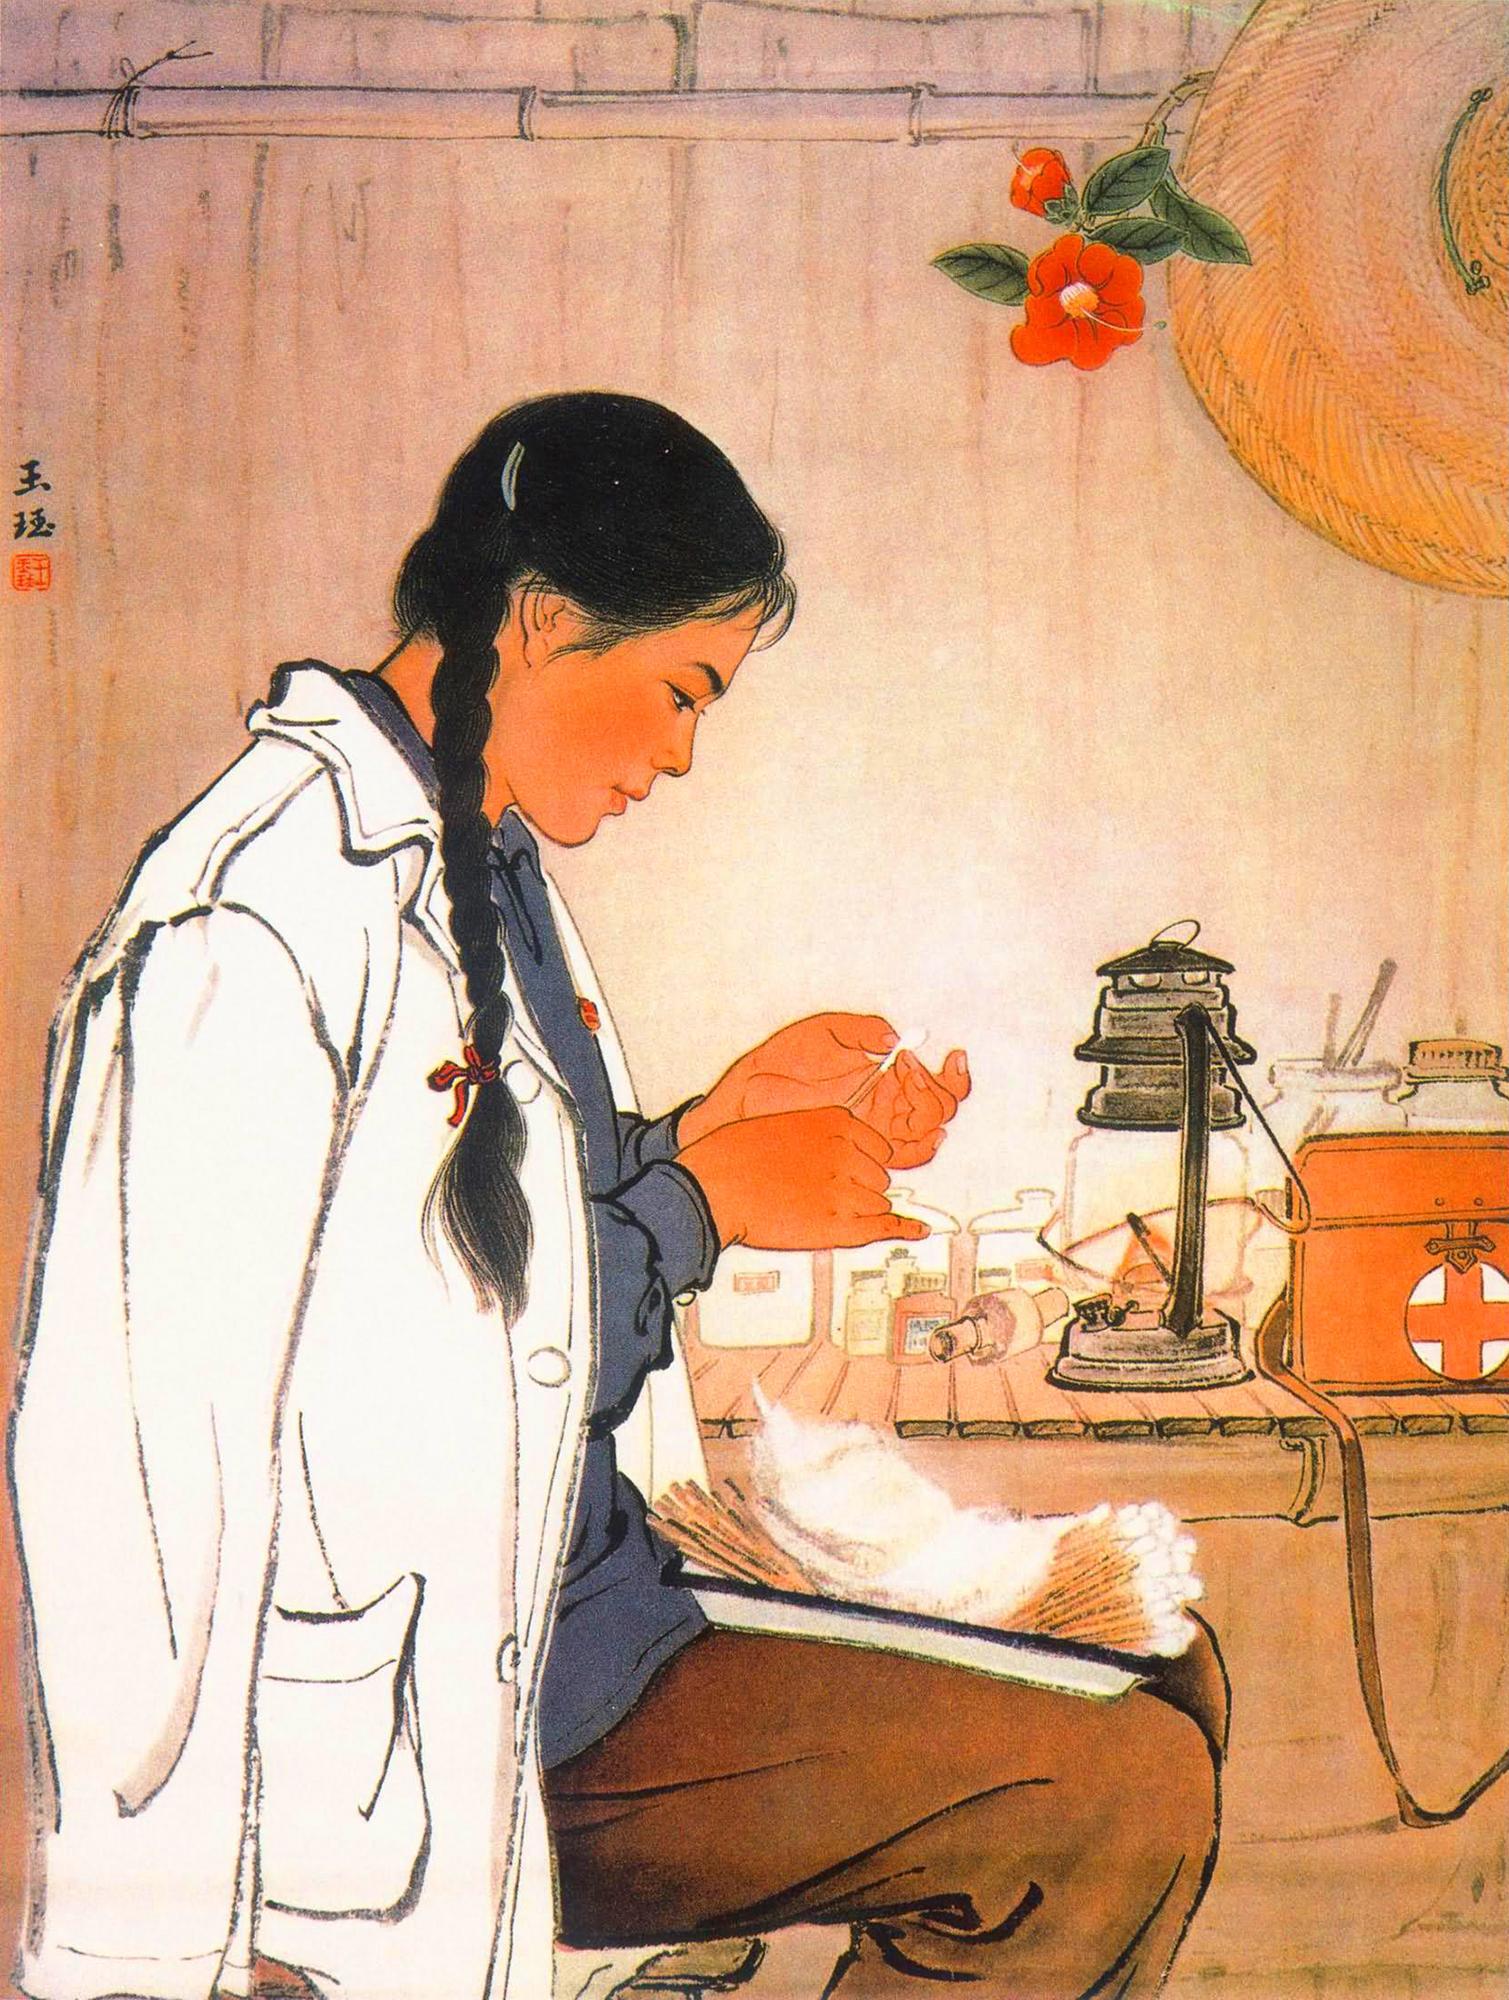 七十年代关于医生的宣传画,张张精品,欢迎收藏